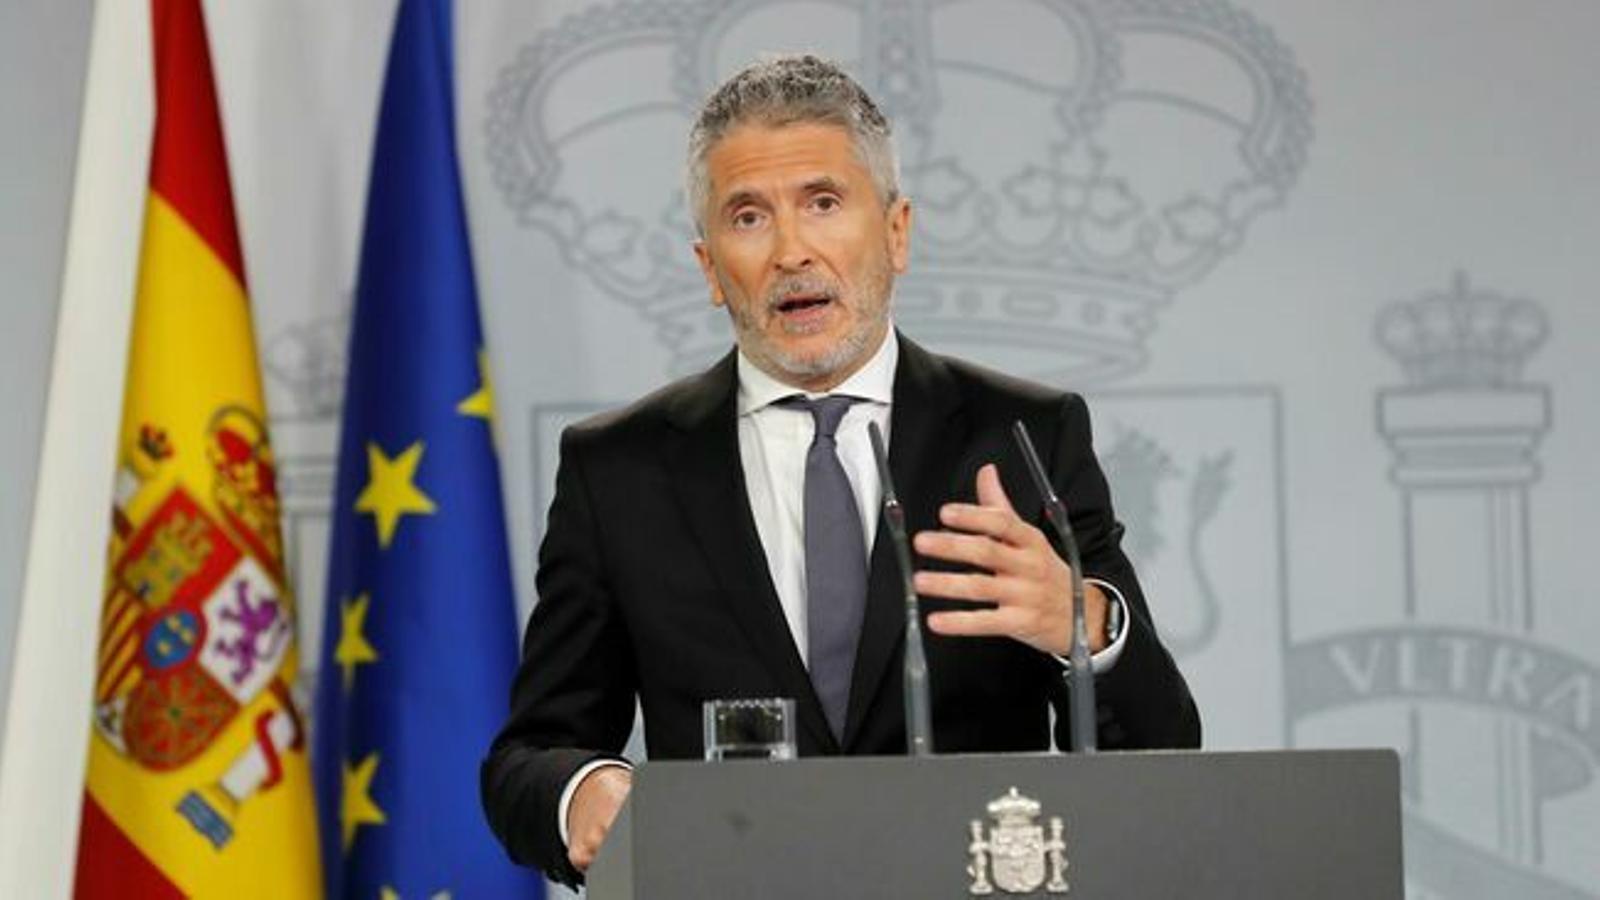 """Grande-Marlaska: """"Aplicarem als independentistes violents el Codi Penal amb tota contundència"""""""